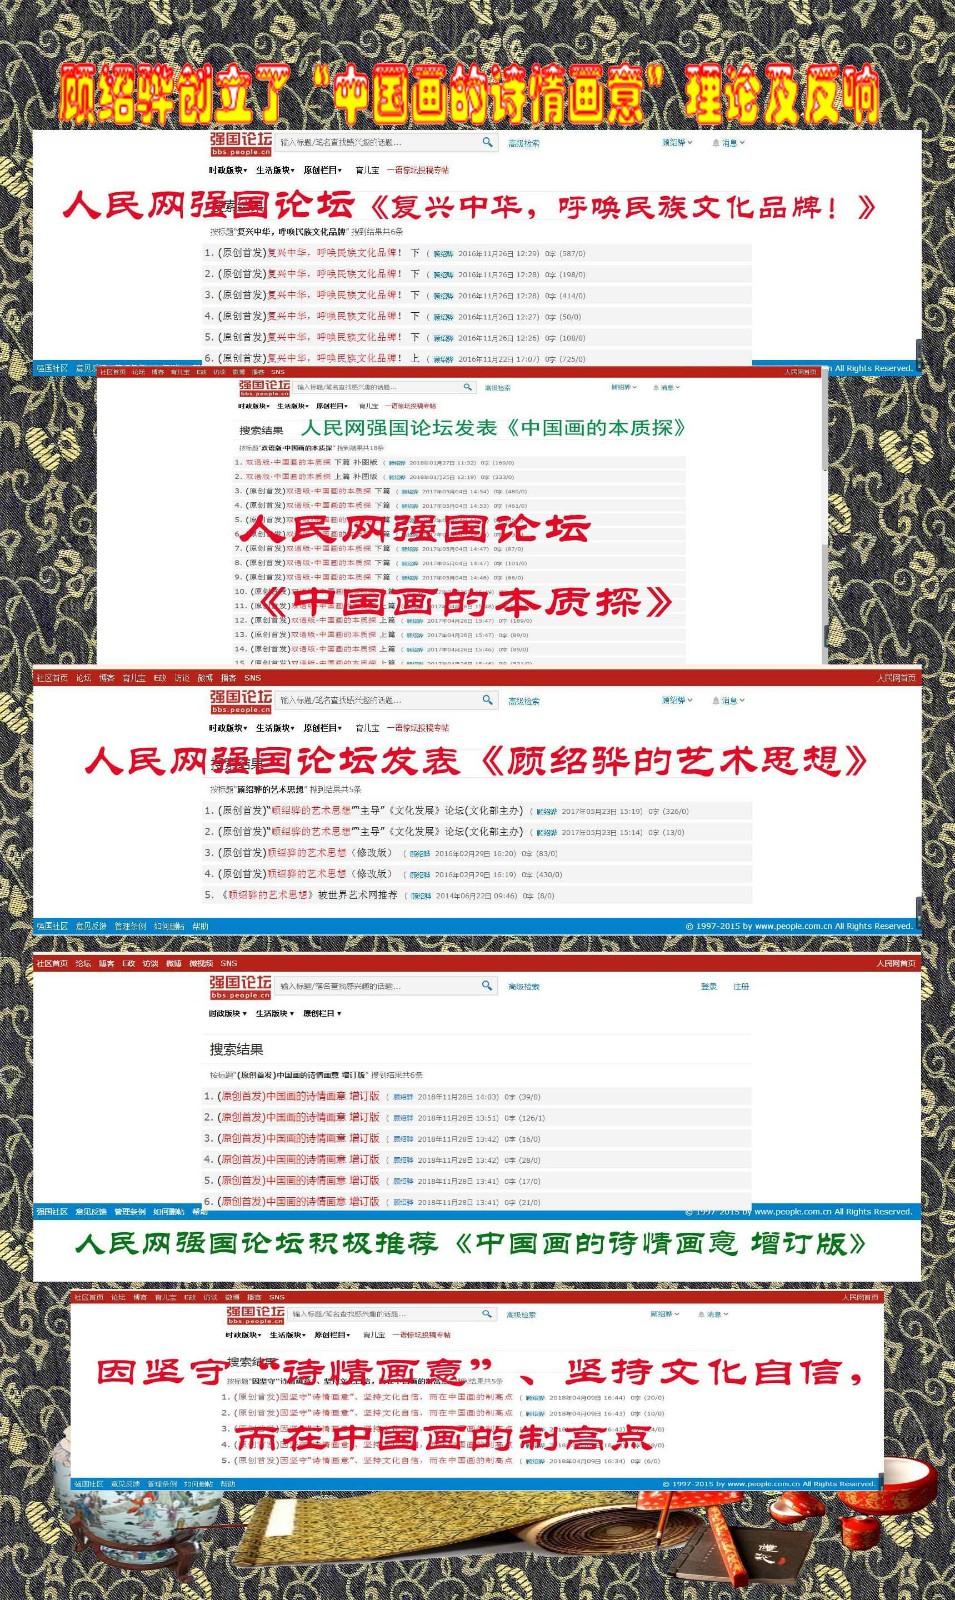 顾绍骅在中国画方面作出的一点贡献_图1-7